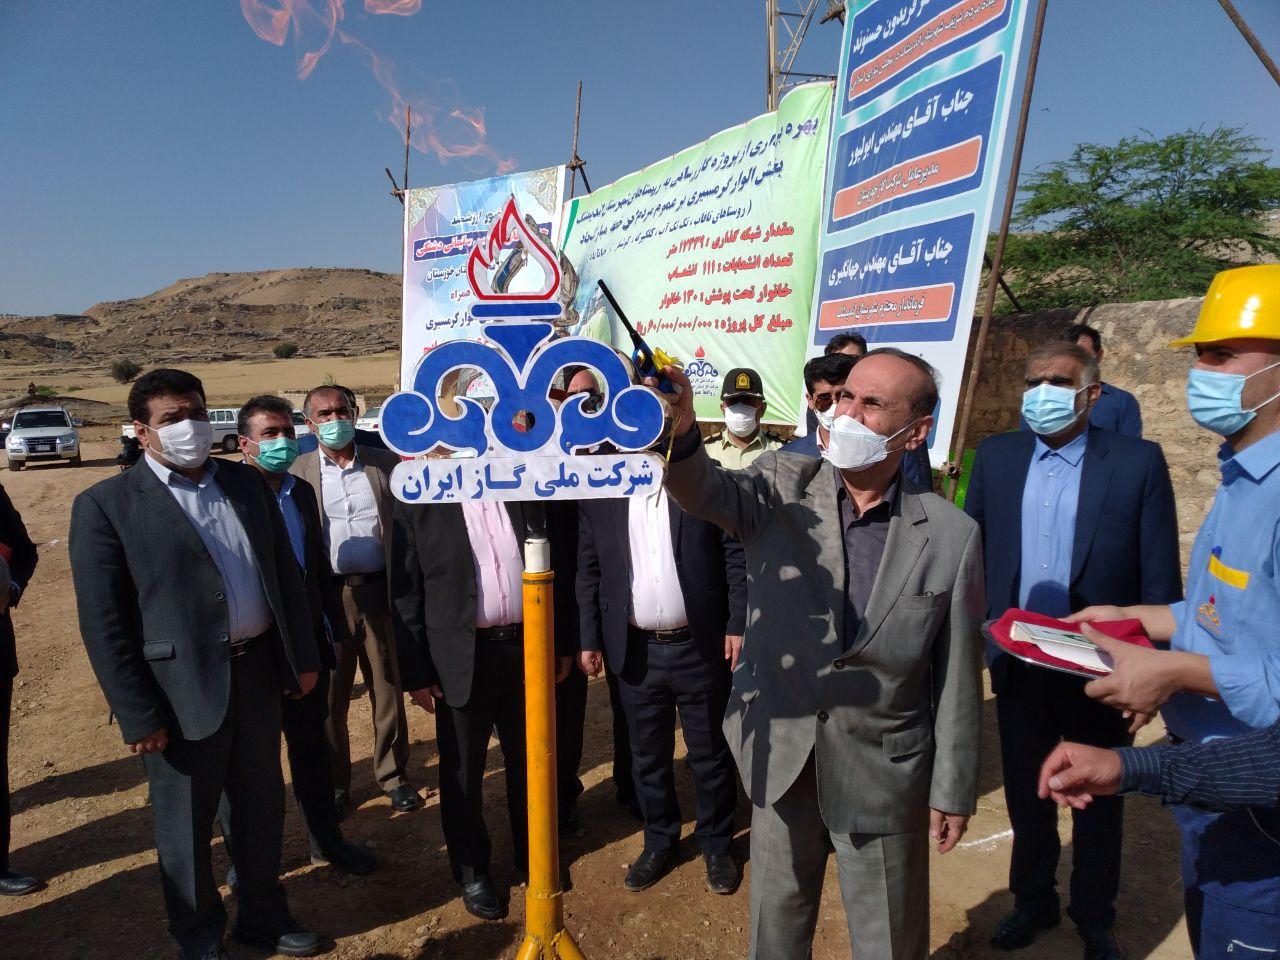 با حضور استاندار خوزستان طرح گازرسانی به پنج روستا در اندیمشک بهرهبرداری شد